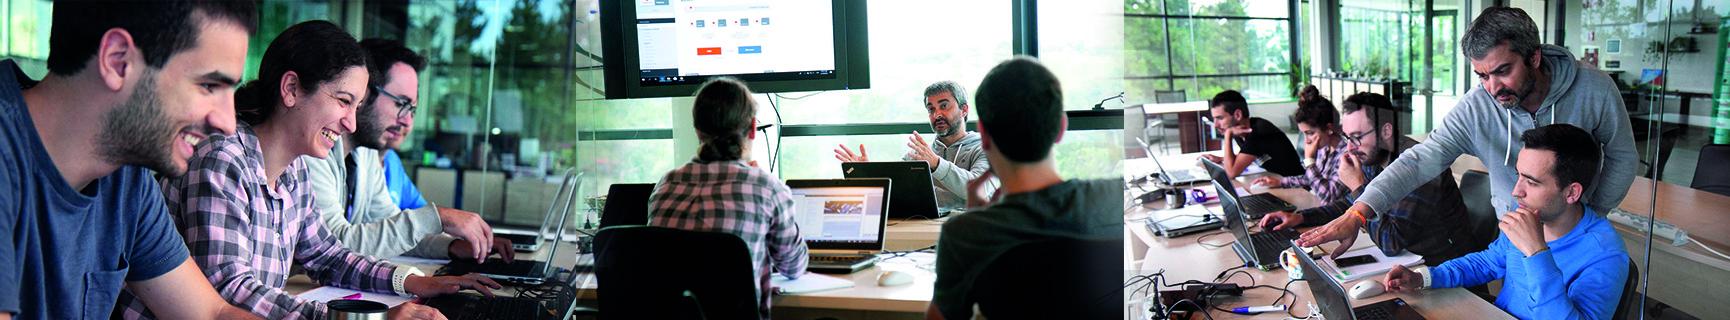 larraioz elektronika cursos codesys programming